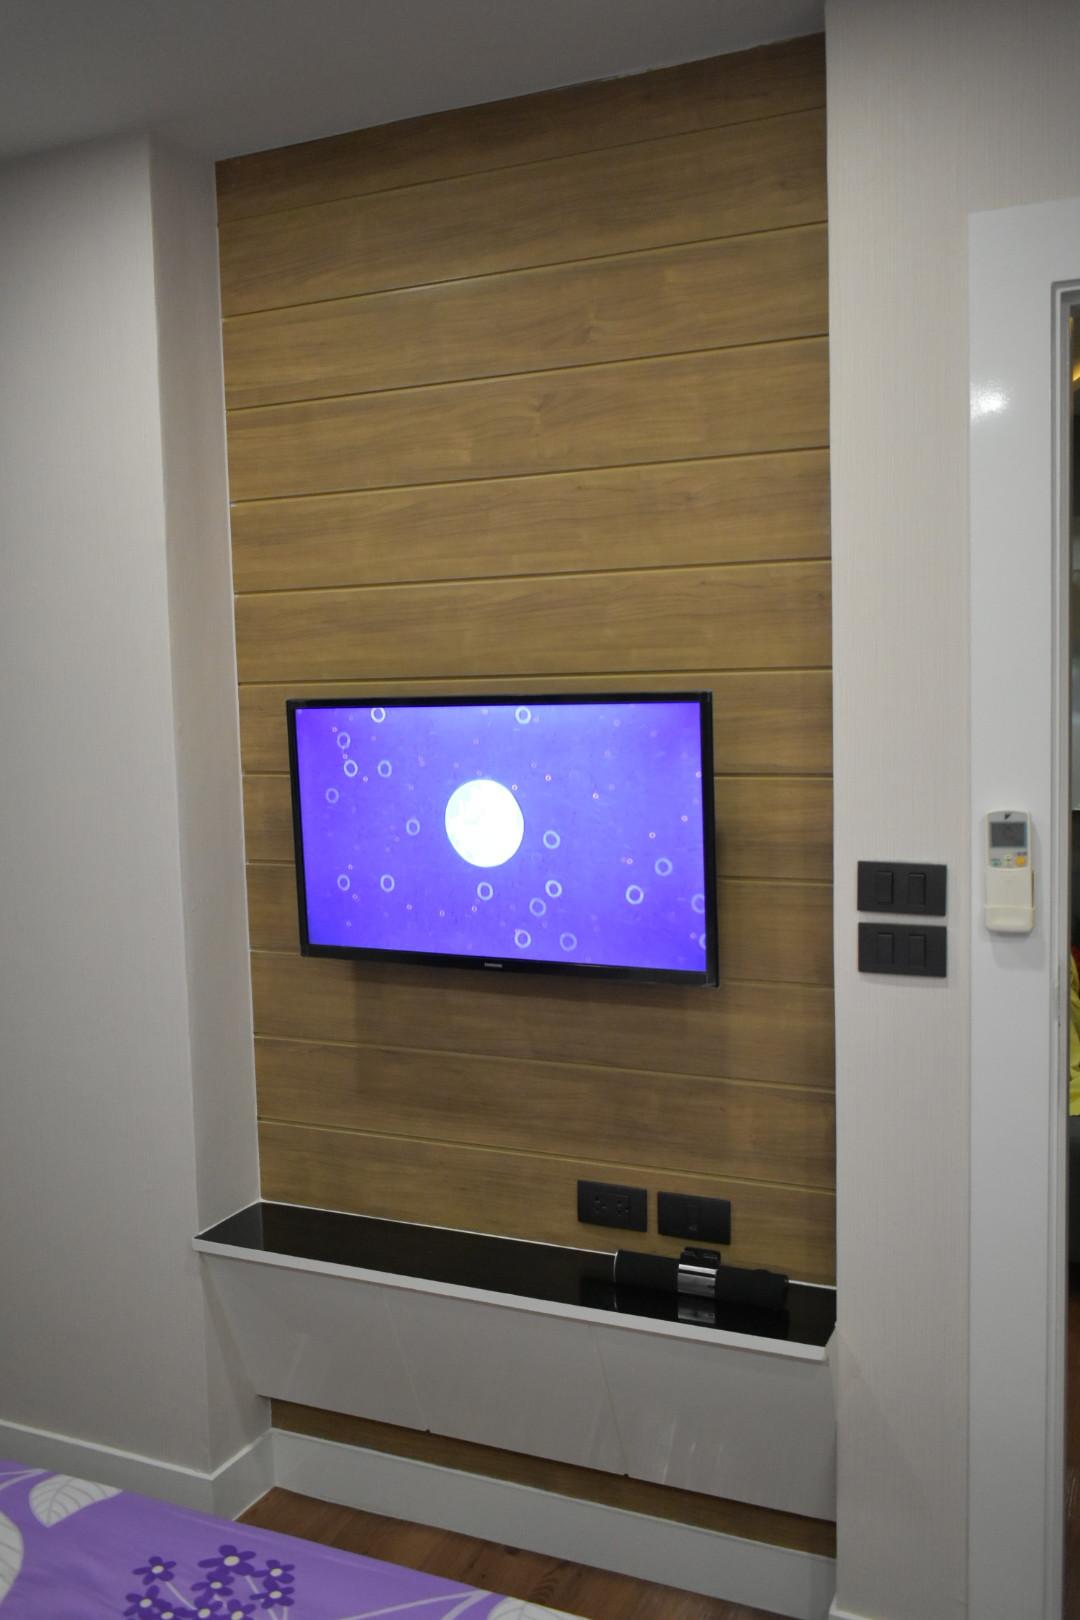 รูปของประกาศเช่าคอนโดเดอะ ฟีลเจอร์ พัทยา(1 ห้องนอน)(3)